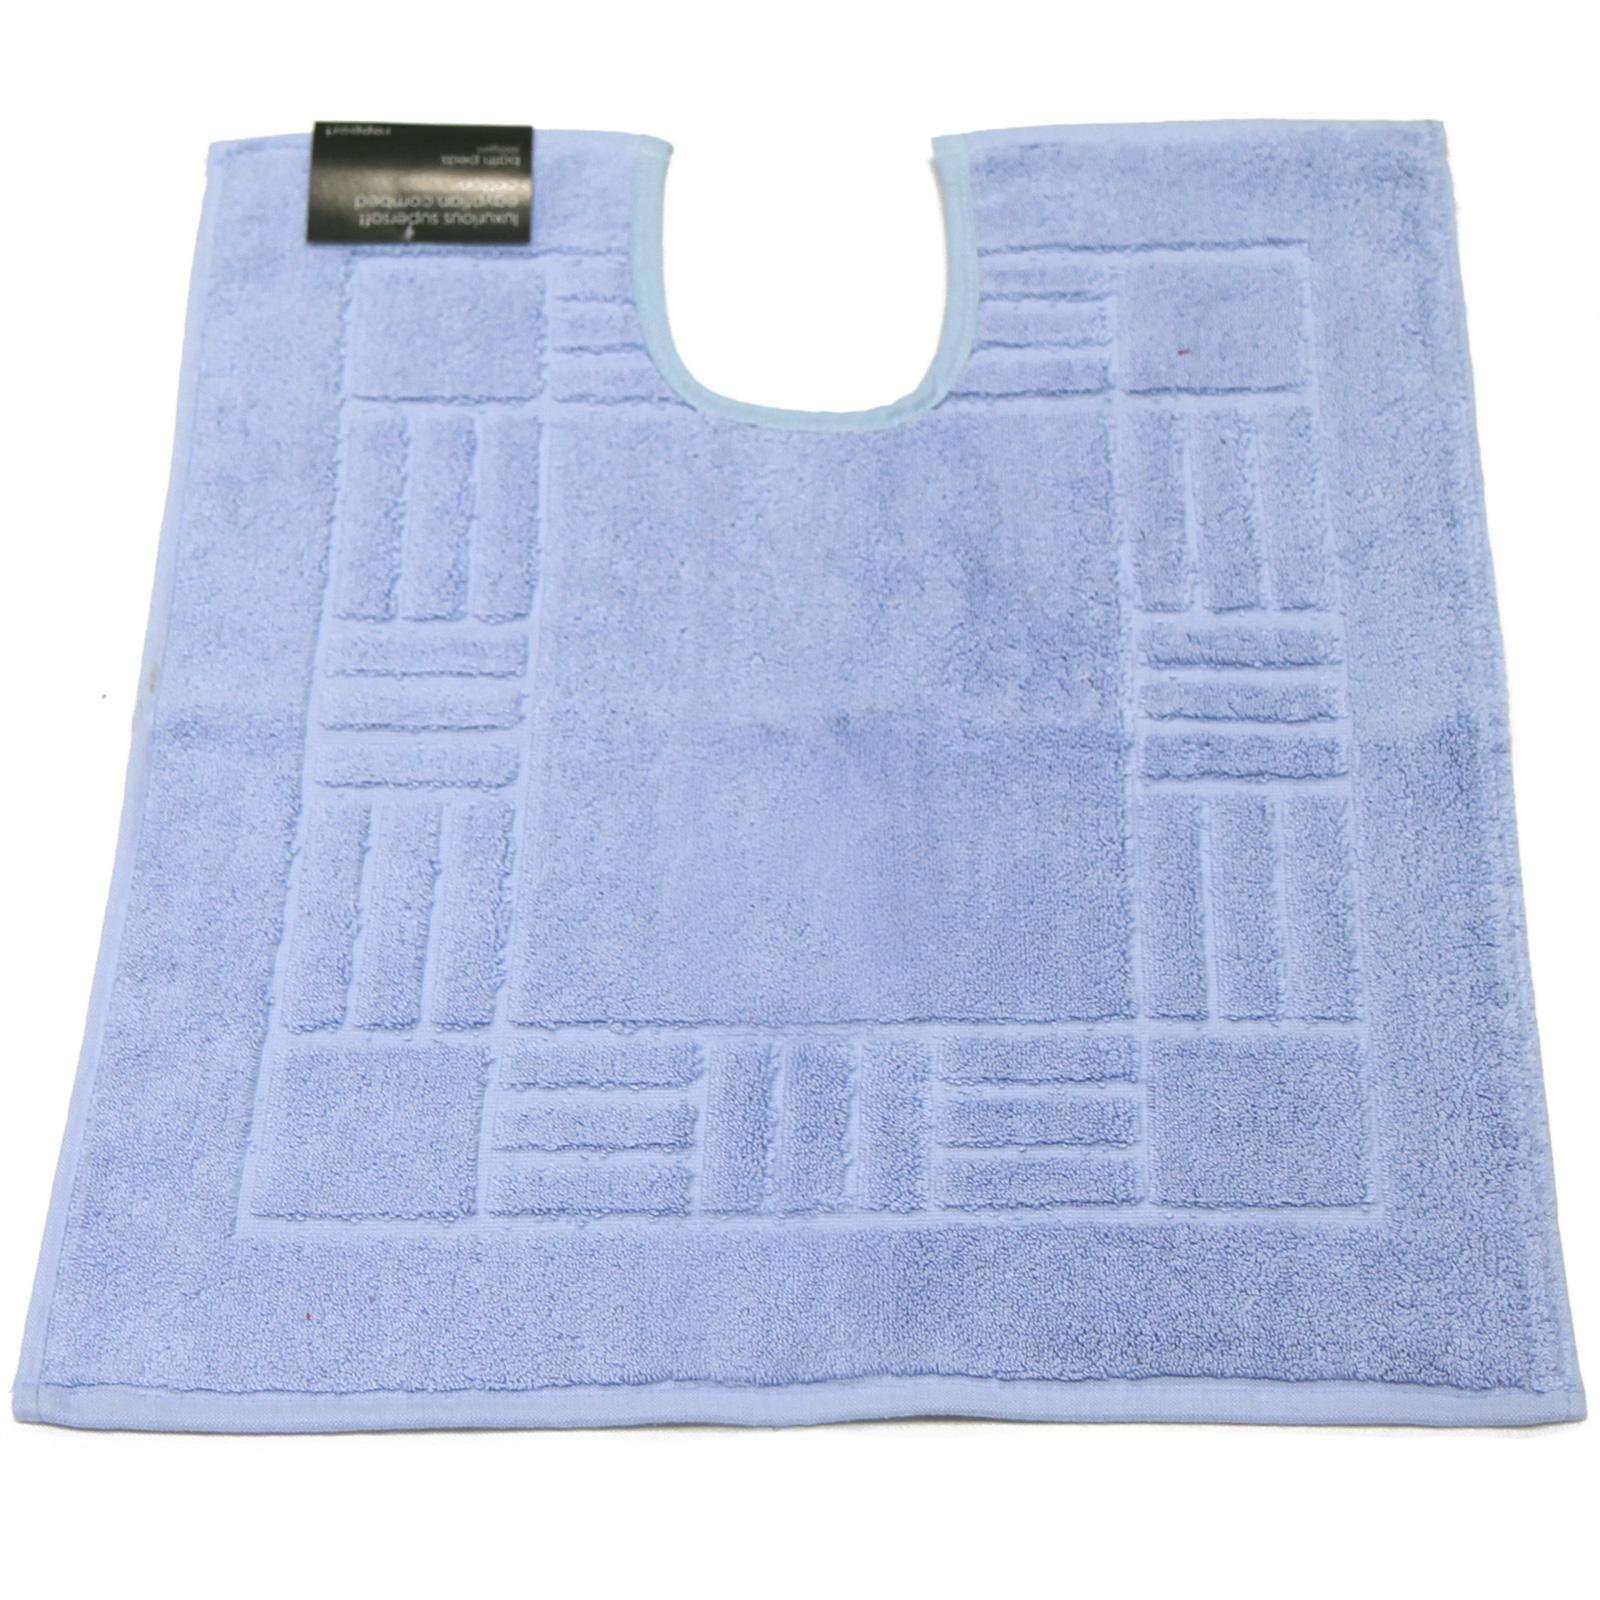 100 Egyptian Cotton Pedestal Mats Super Soft Washable